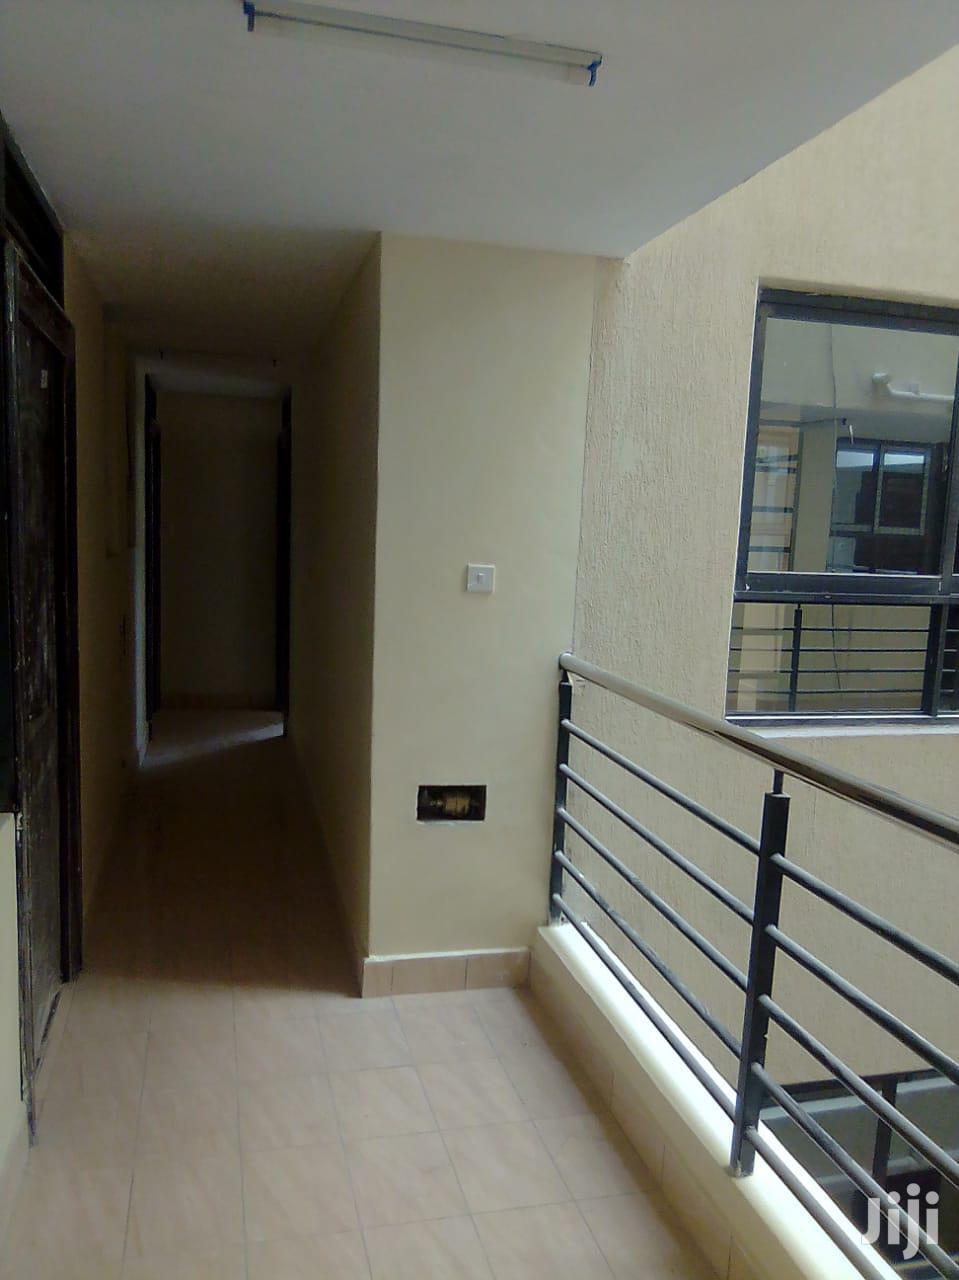 One Bedrooms Apartments To Rent At Kawangware | Houses & Apartments For Rent for sale in Kawangware, Nairobi, Kenya